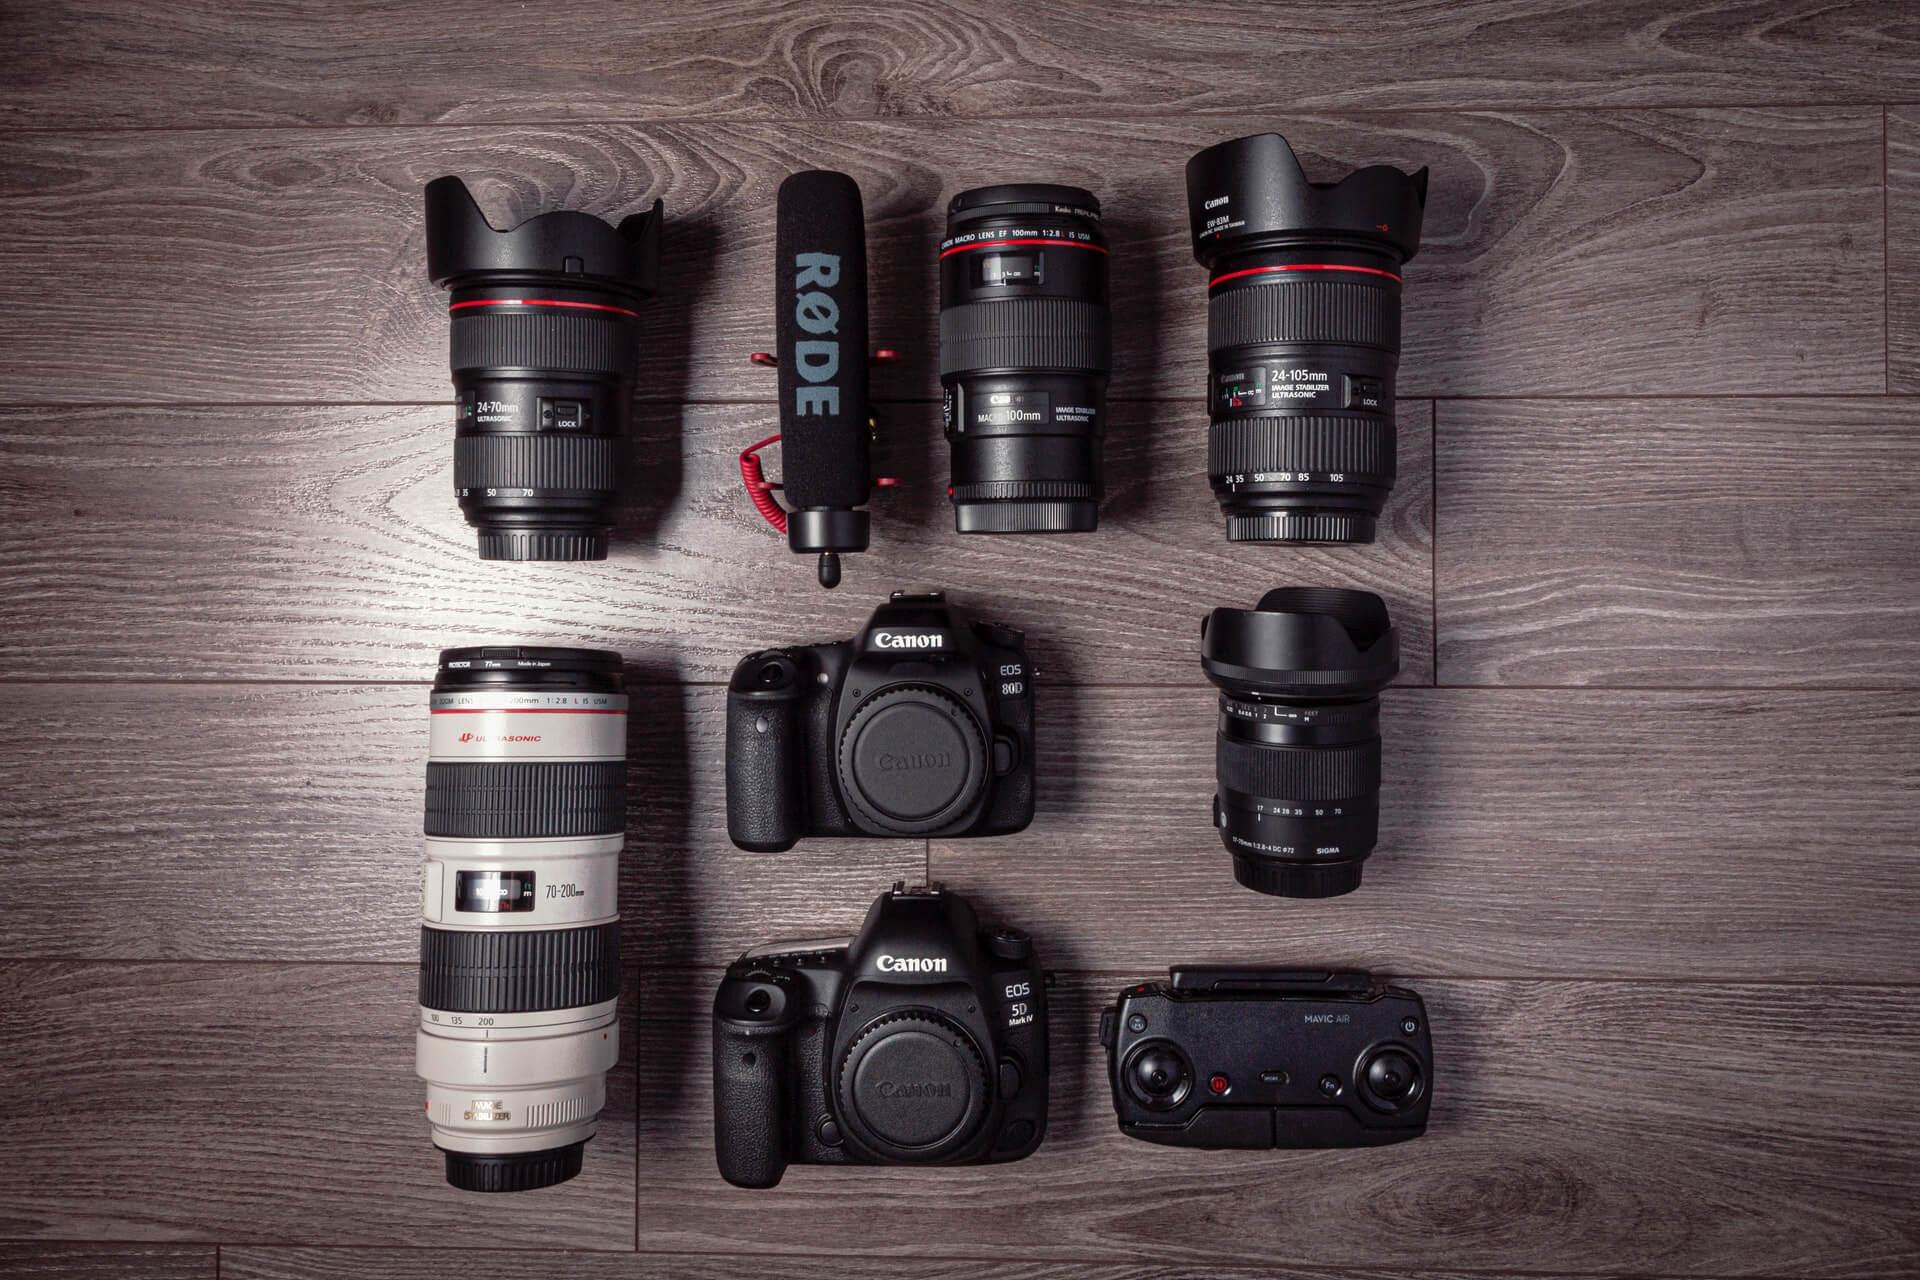 Sprzęt fotograficzny na podłodze